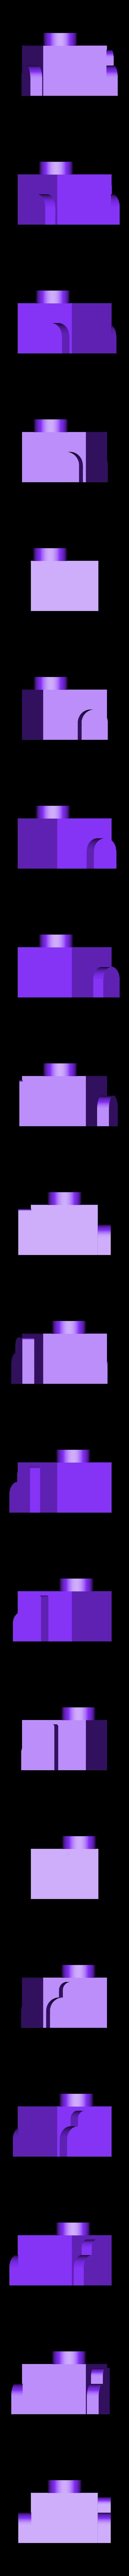 Body1.stl Télécharger fichier STL gratuit Moule à chaussettes en silicone Anycubic Silicone • Objet imprimable en 3D, Domi1988